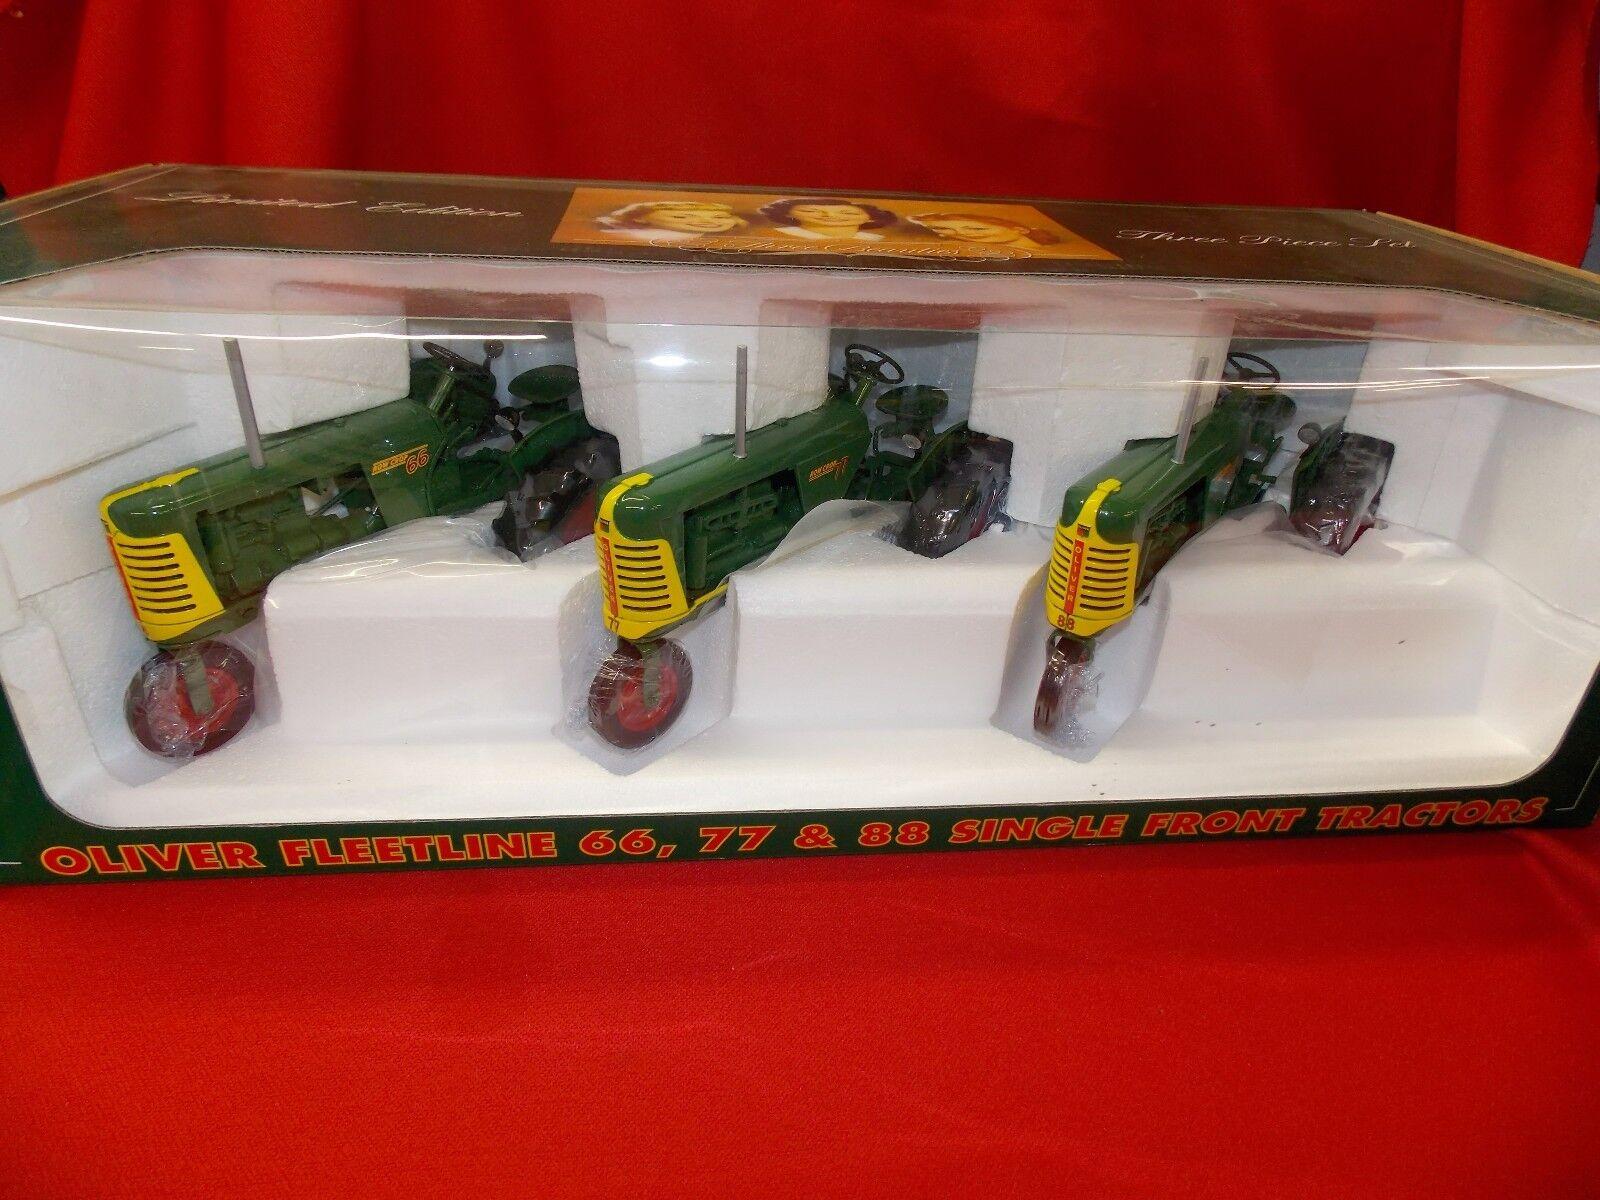 promocionales de incentivo Speccast Oliver 66 77 88 3 1 16 Edición Edición Edición Limitada bellezas. conjunto de tractor cultivo fila  despacho de tienda